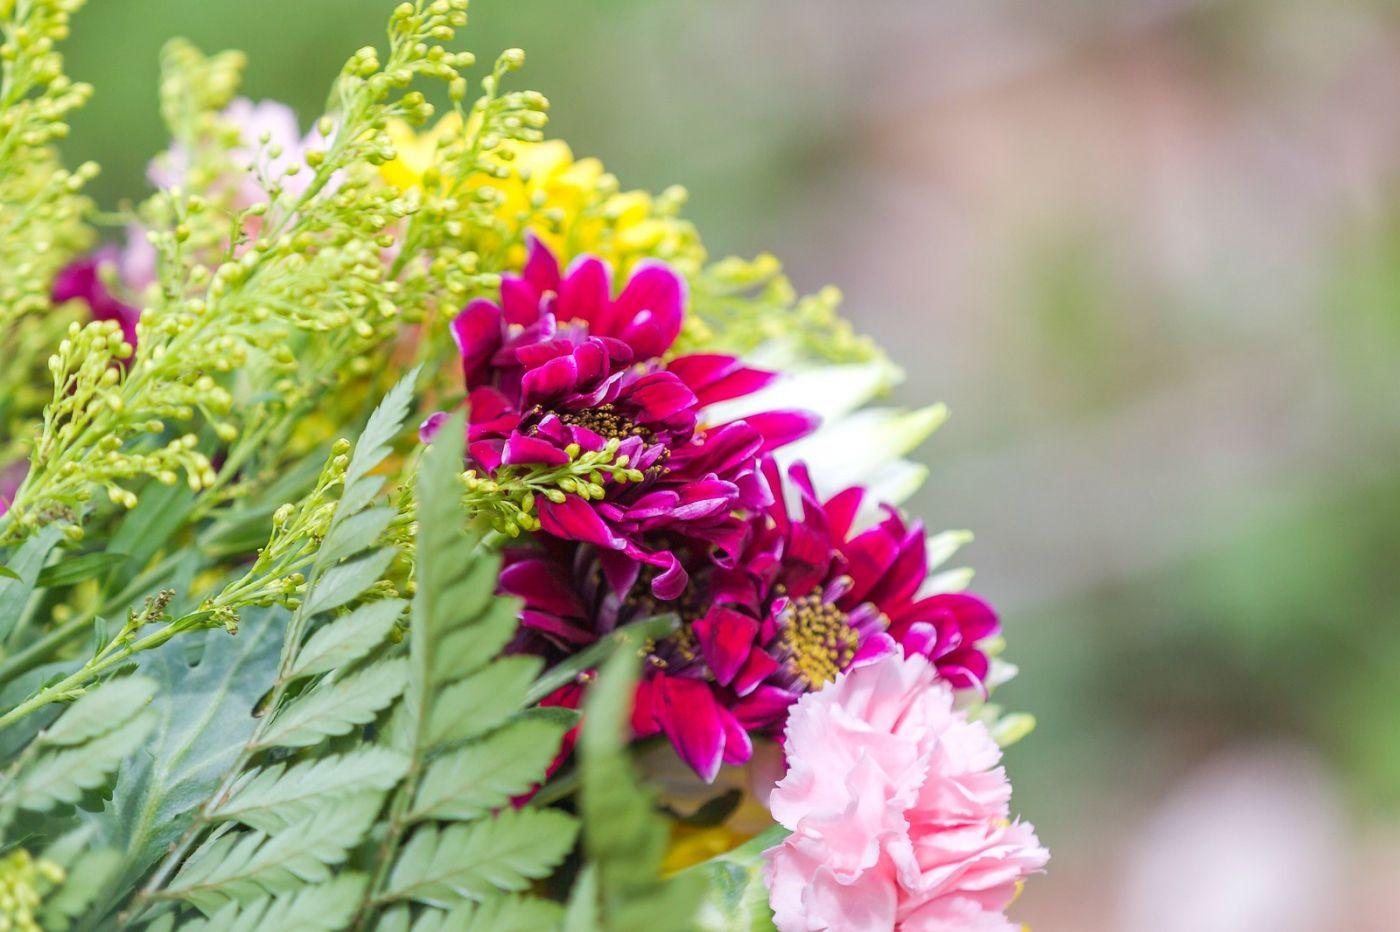 一束花的畅想_图1-26